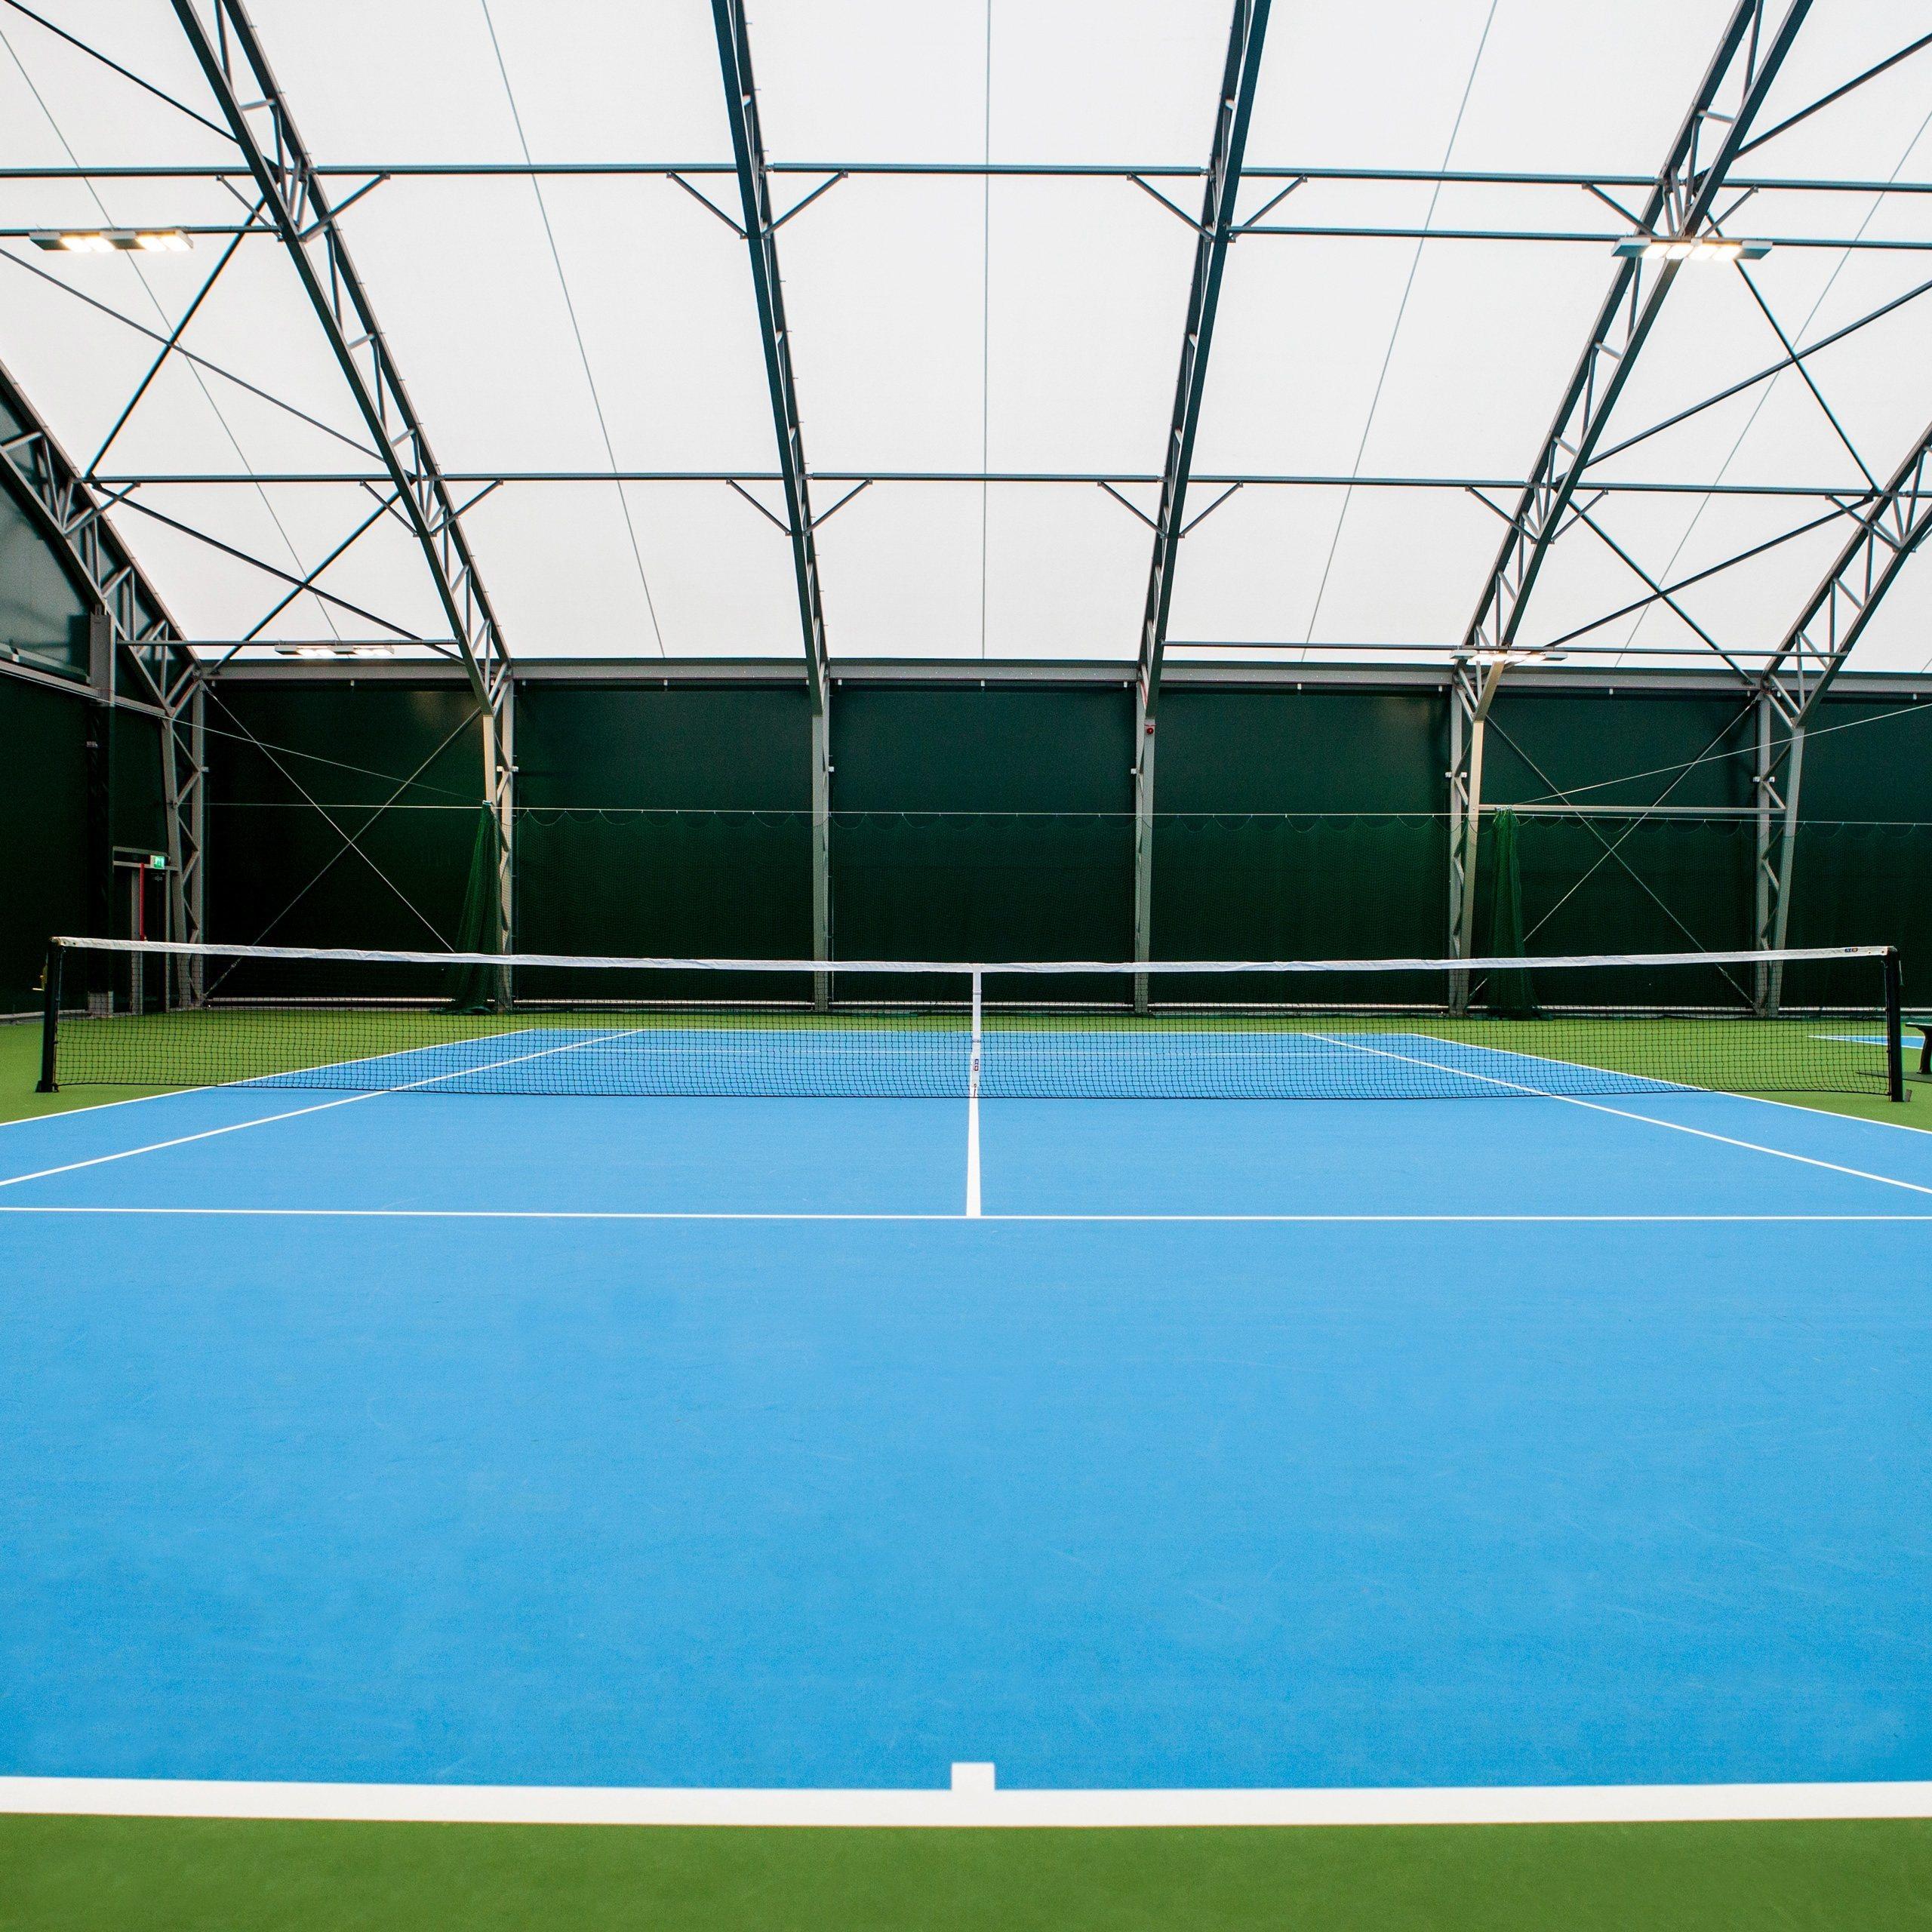 Vermont Tennis Court - Nets & Posts